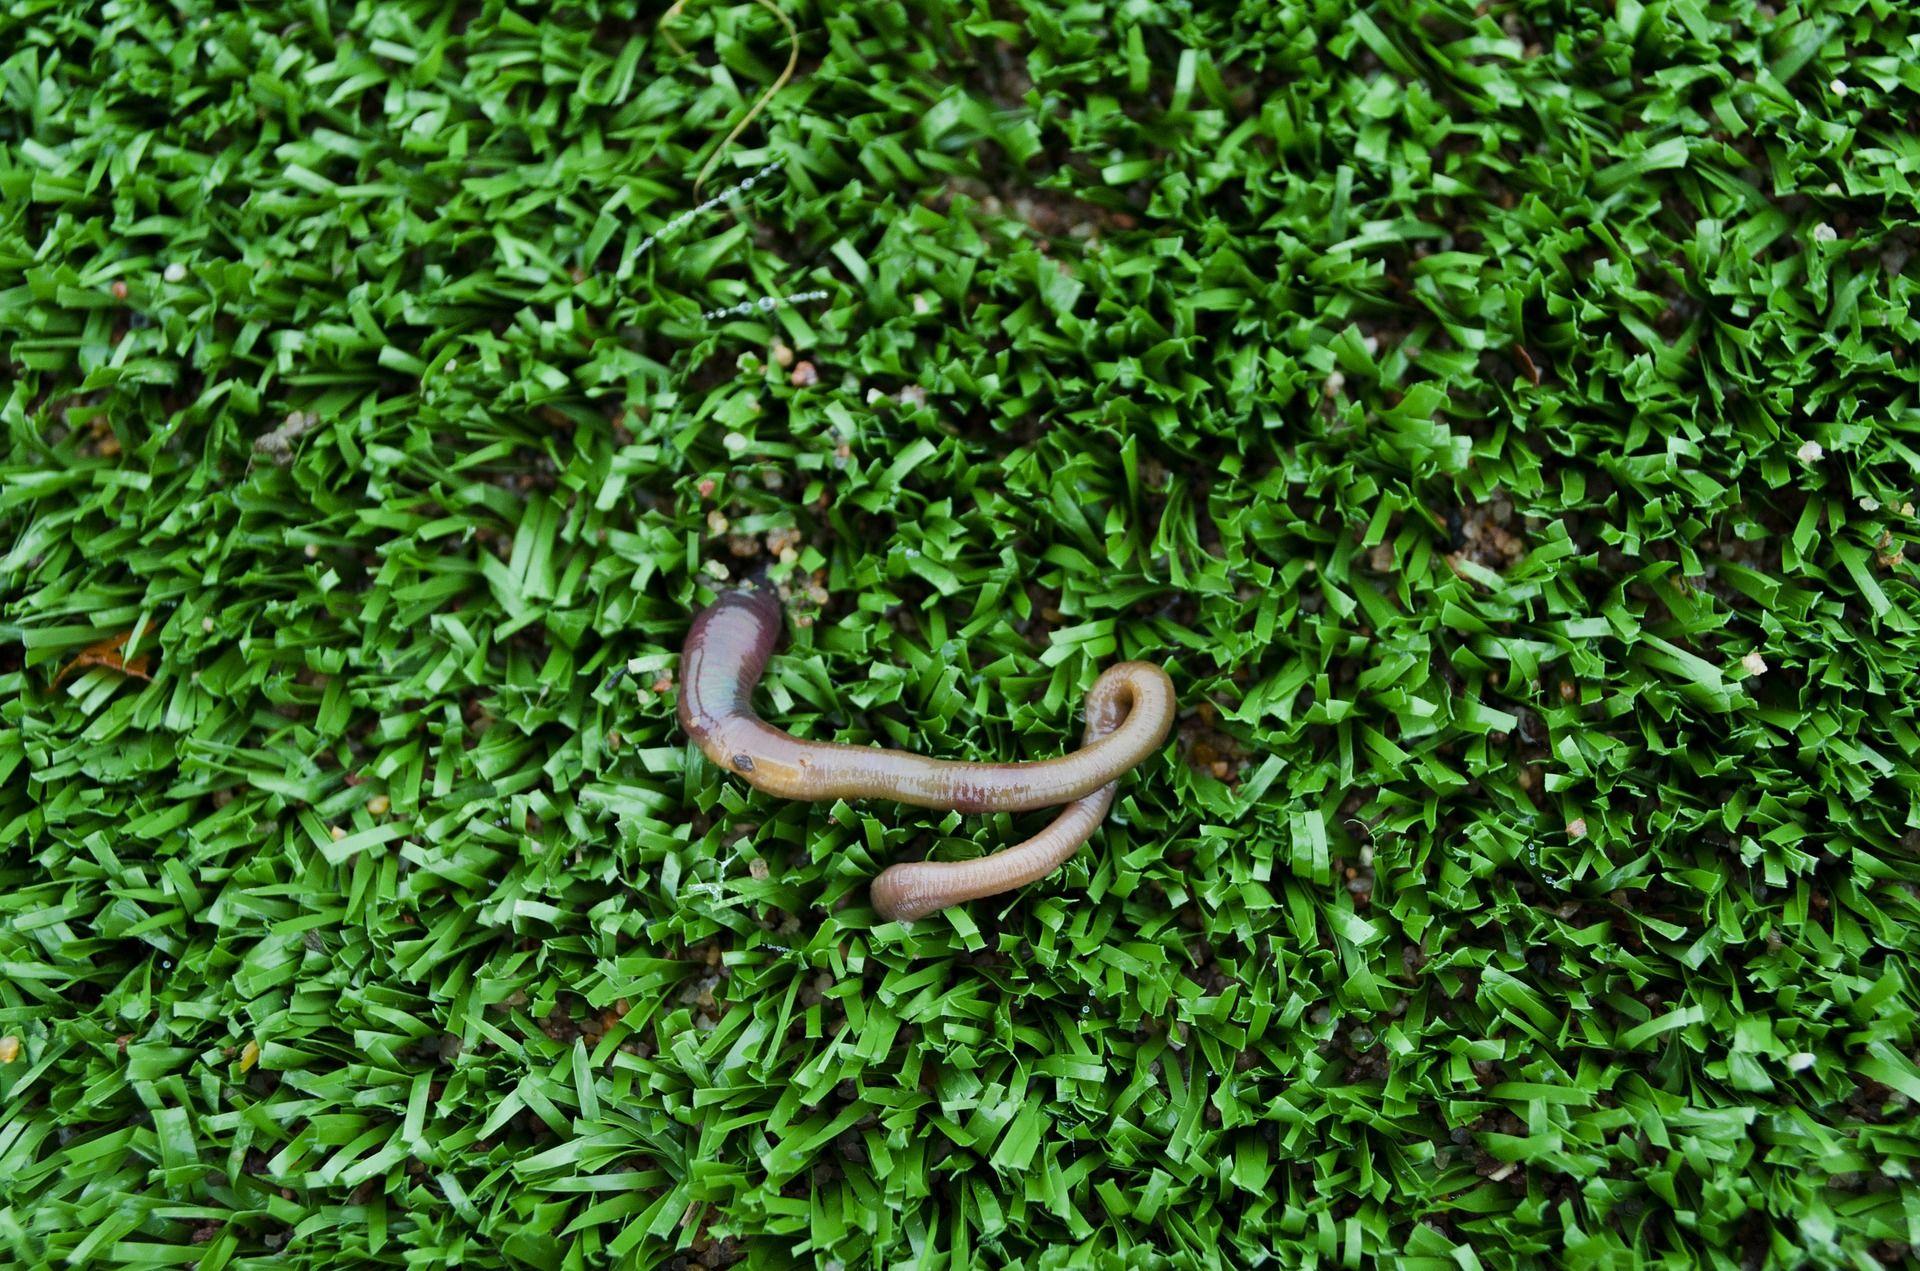 Скачать онлайн бесплатно лучшее фото дождевого червя